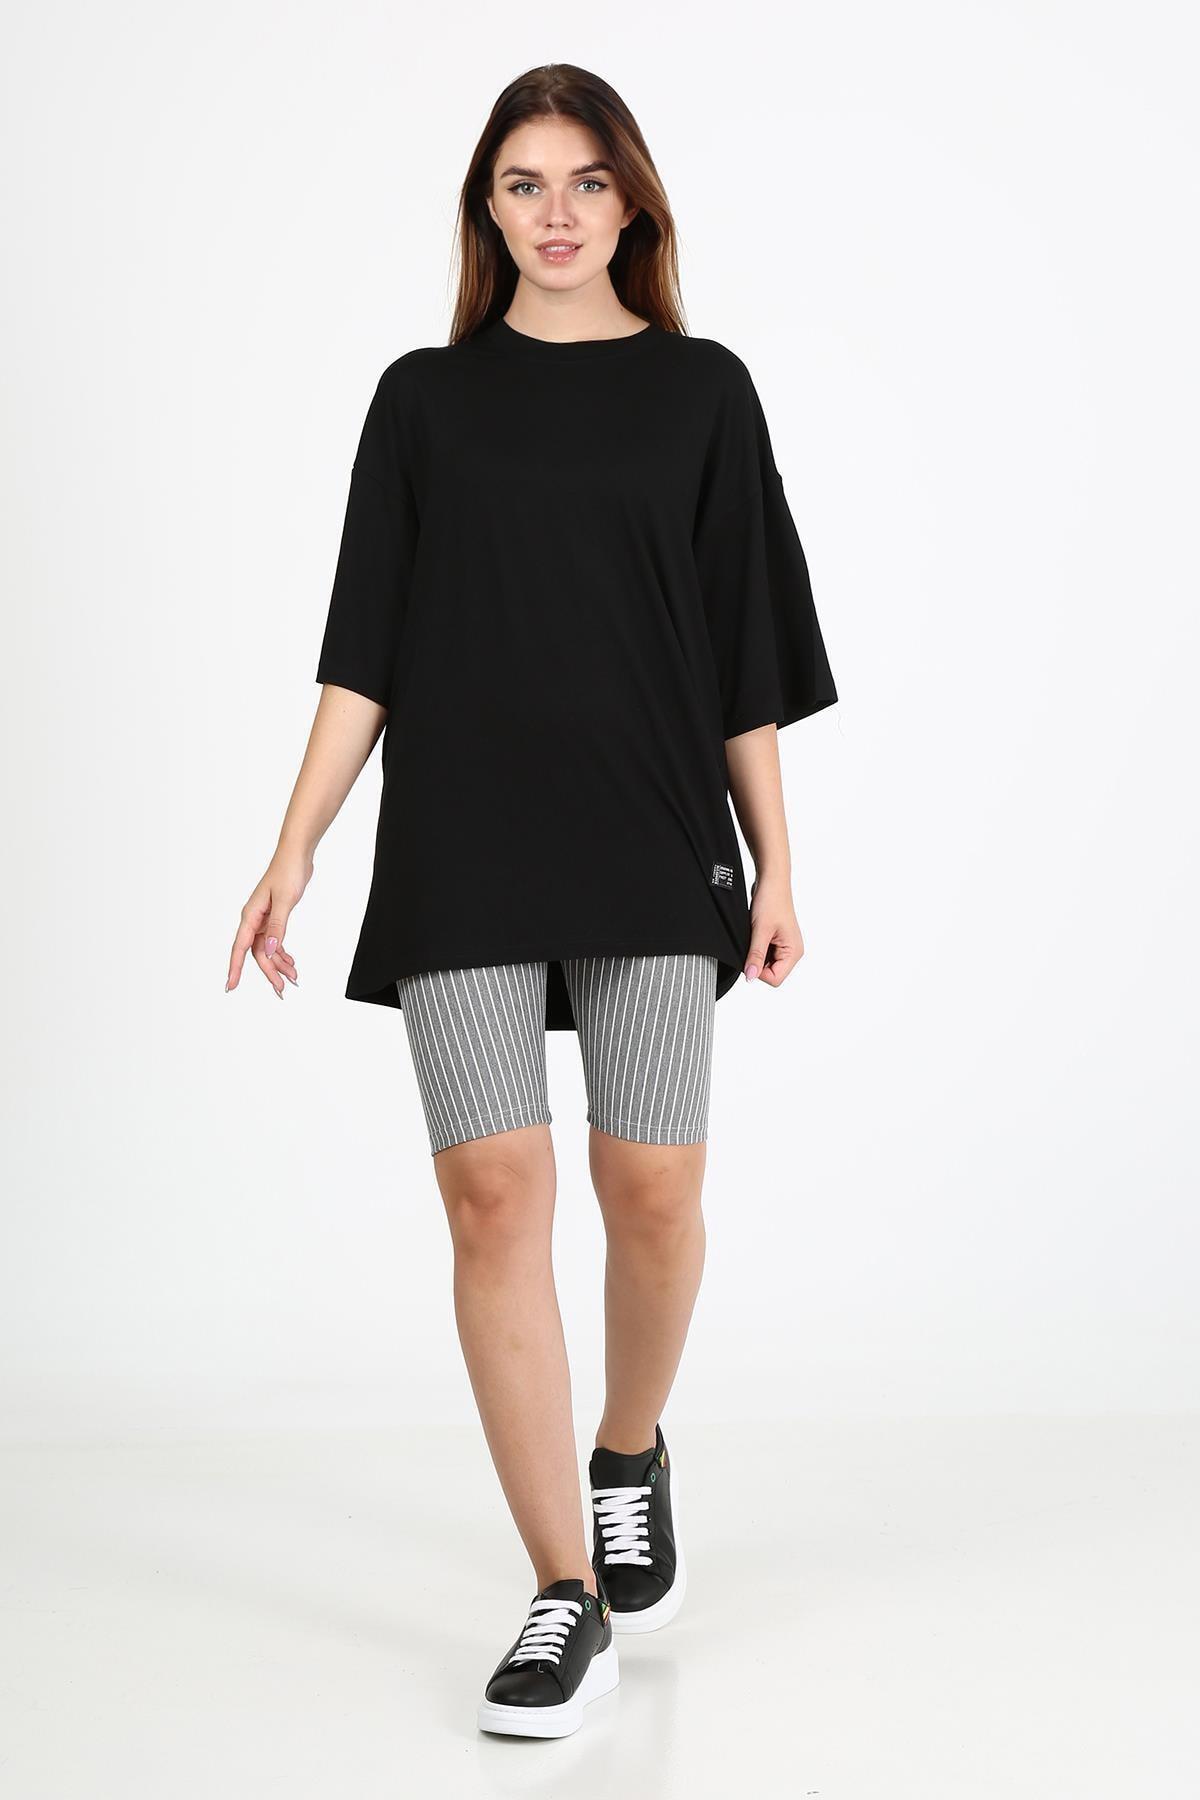 Oversize T-shirt (un-7041)